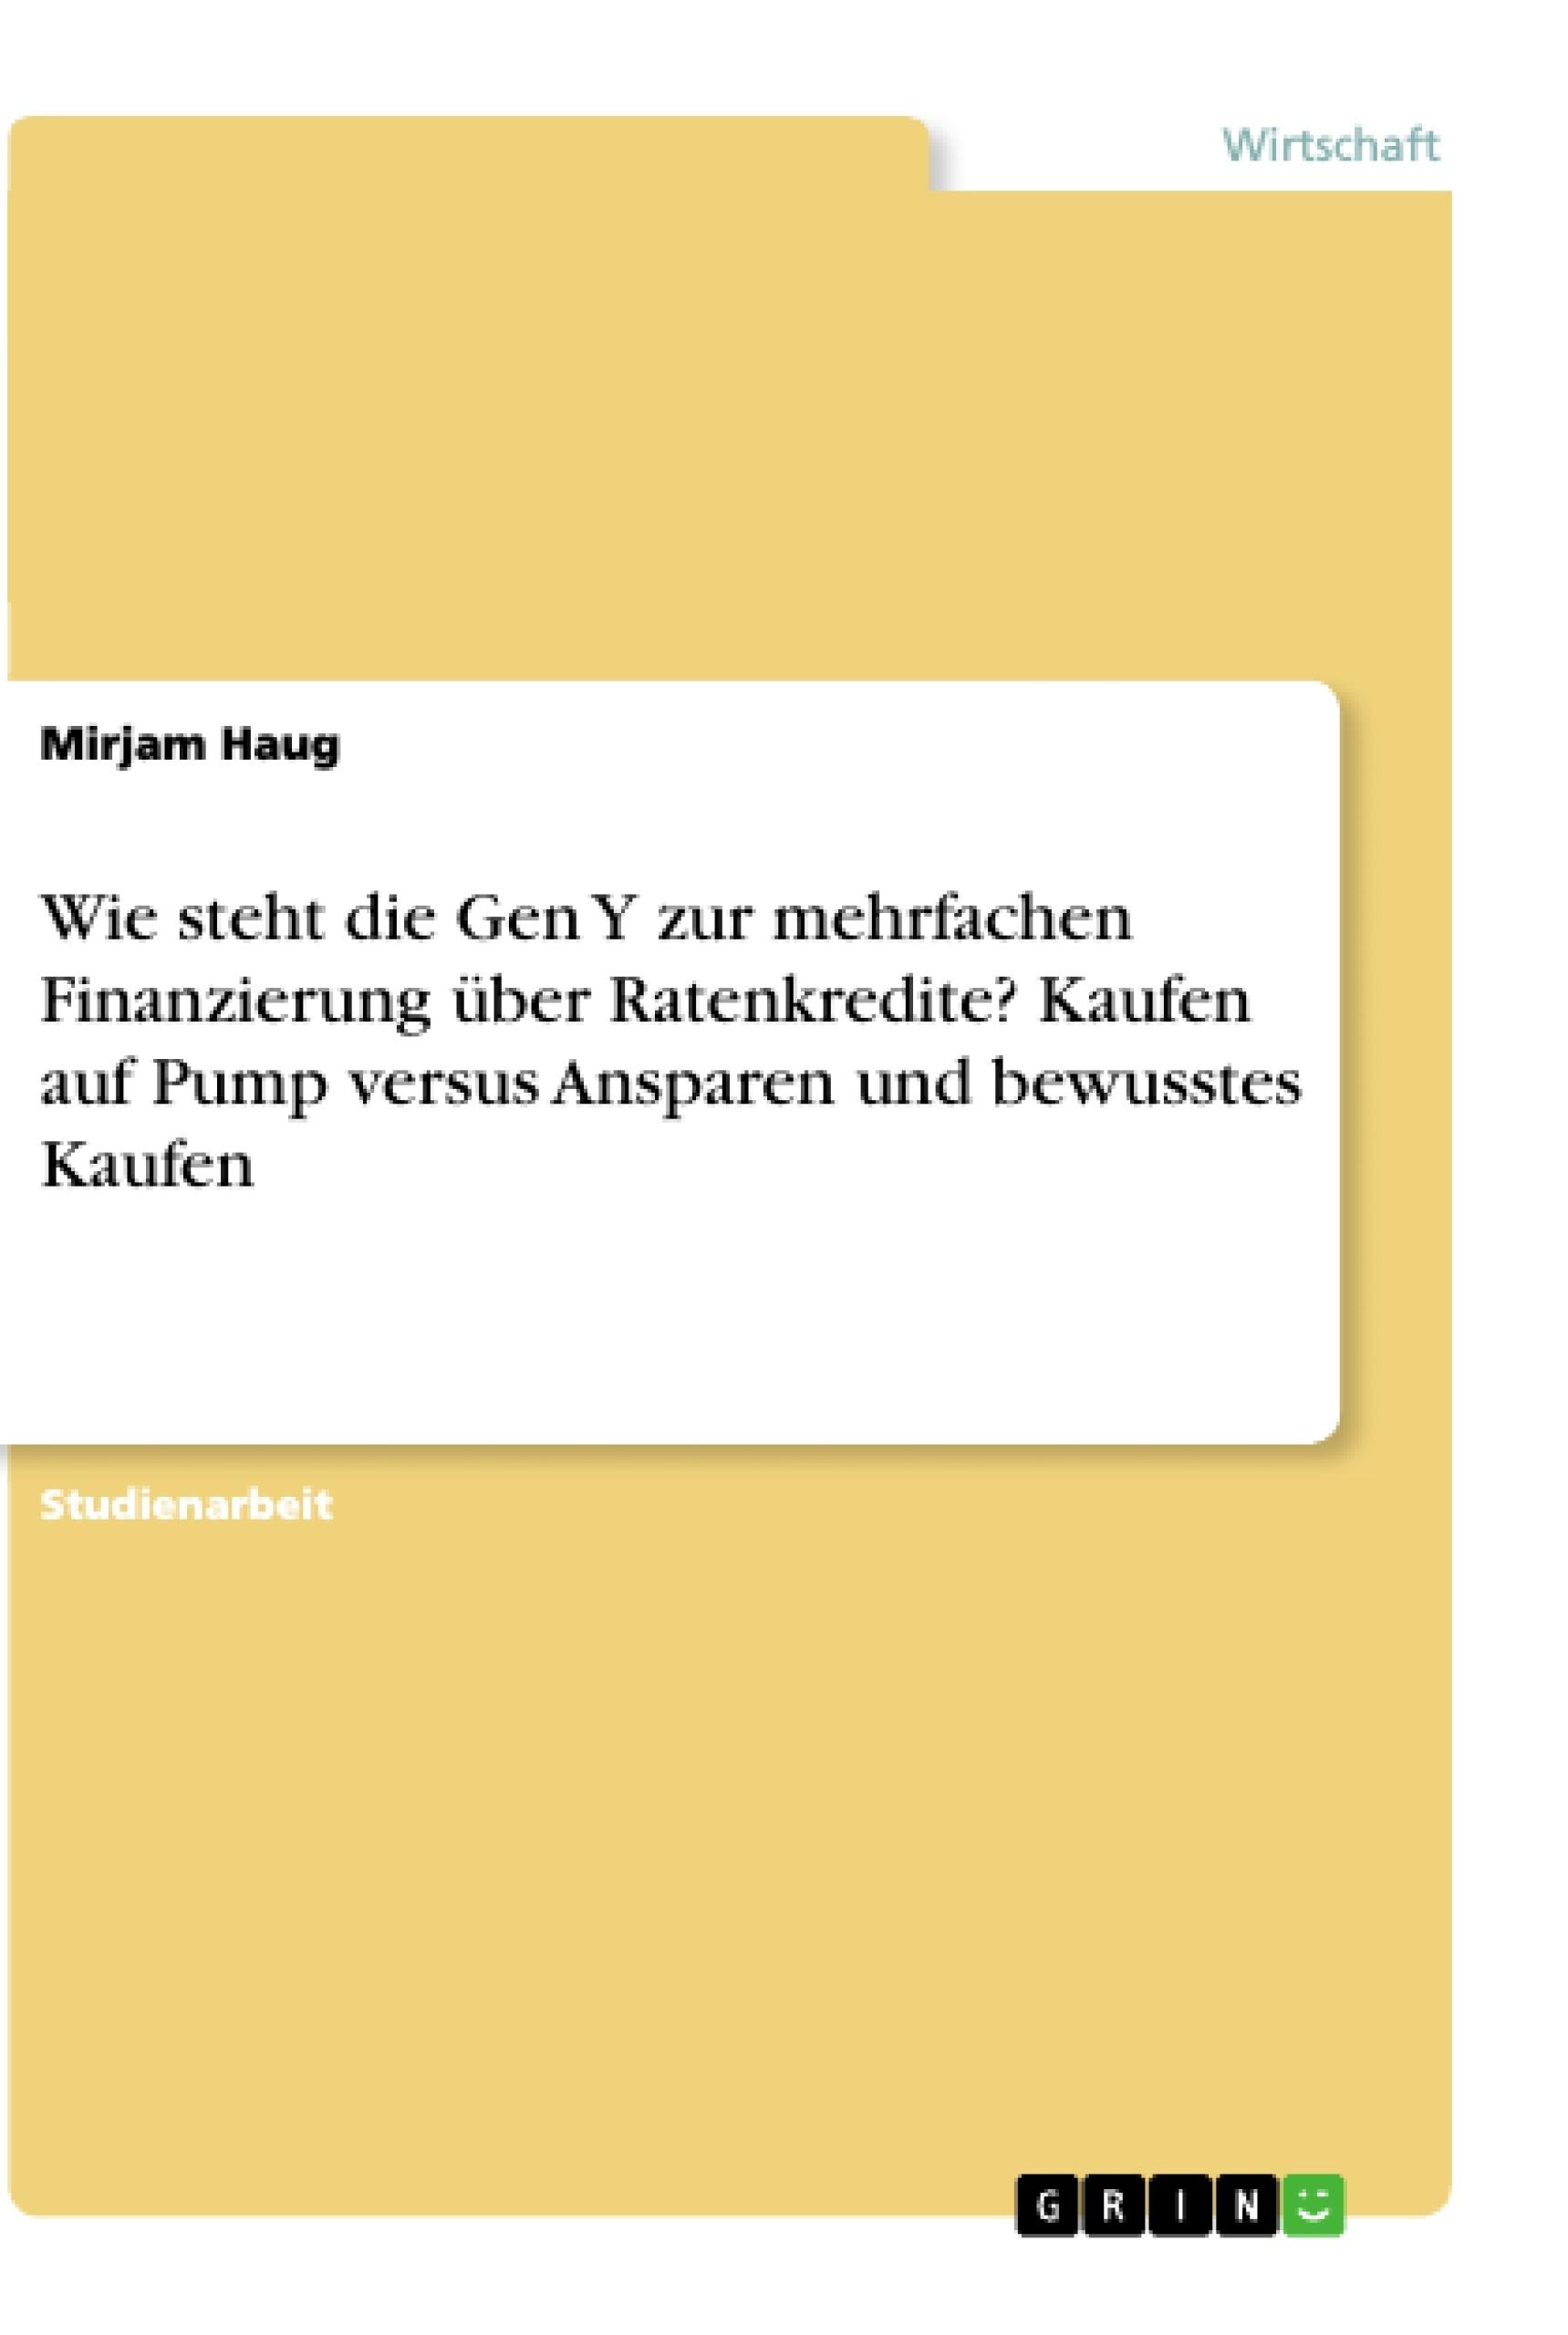 Titel: Wie steht die Gen Y zur mehrfachen Finanzierung über Ratenkredite? Kaufen auf Pump versus Ansparen und bewusstes Kaufen